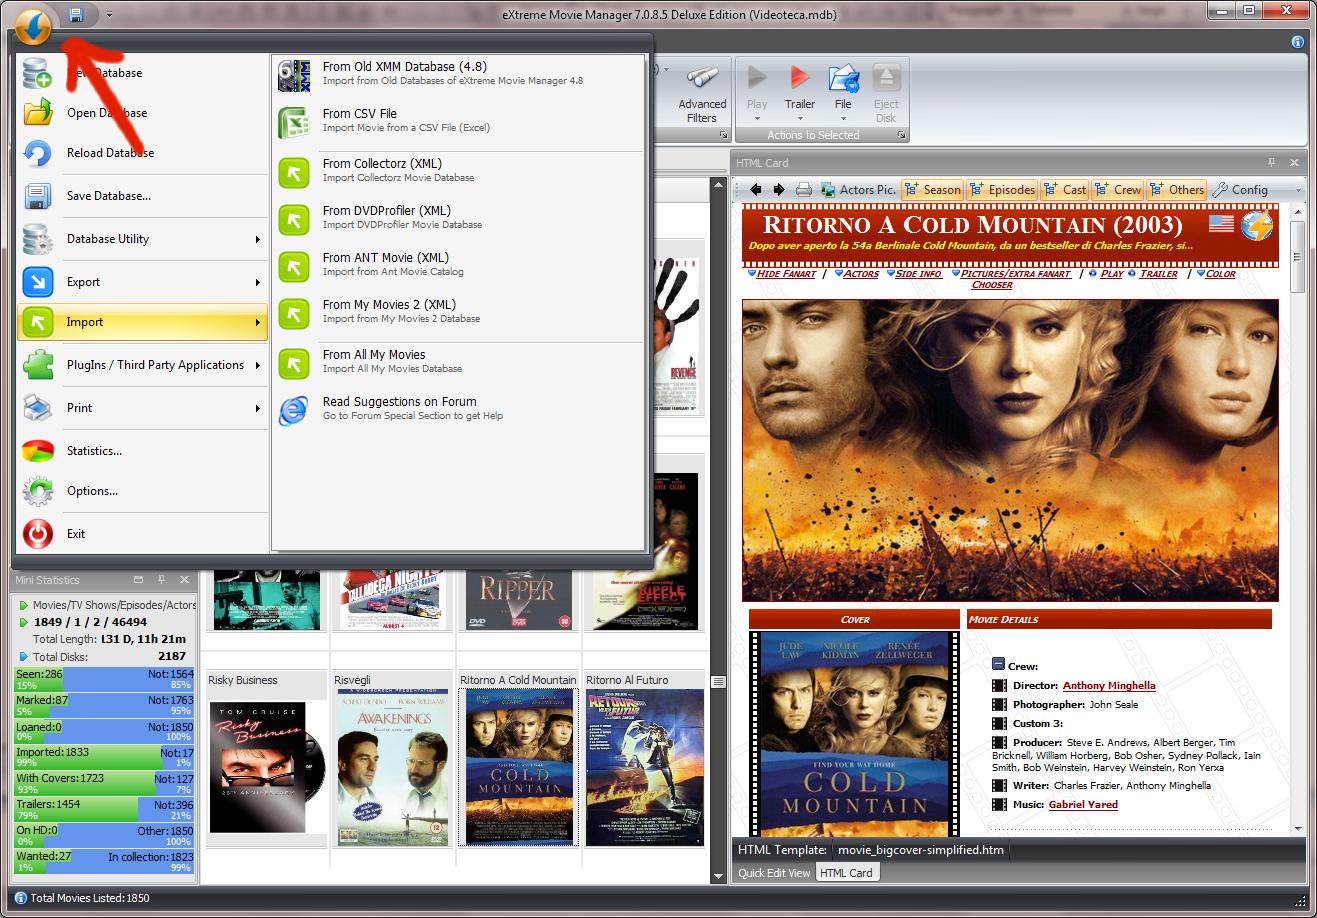 برنامج الفيديو صيغتها eXtreme Movie Manager 7.1.2.8